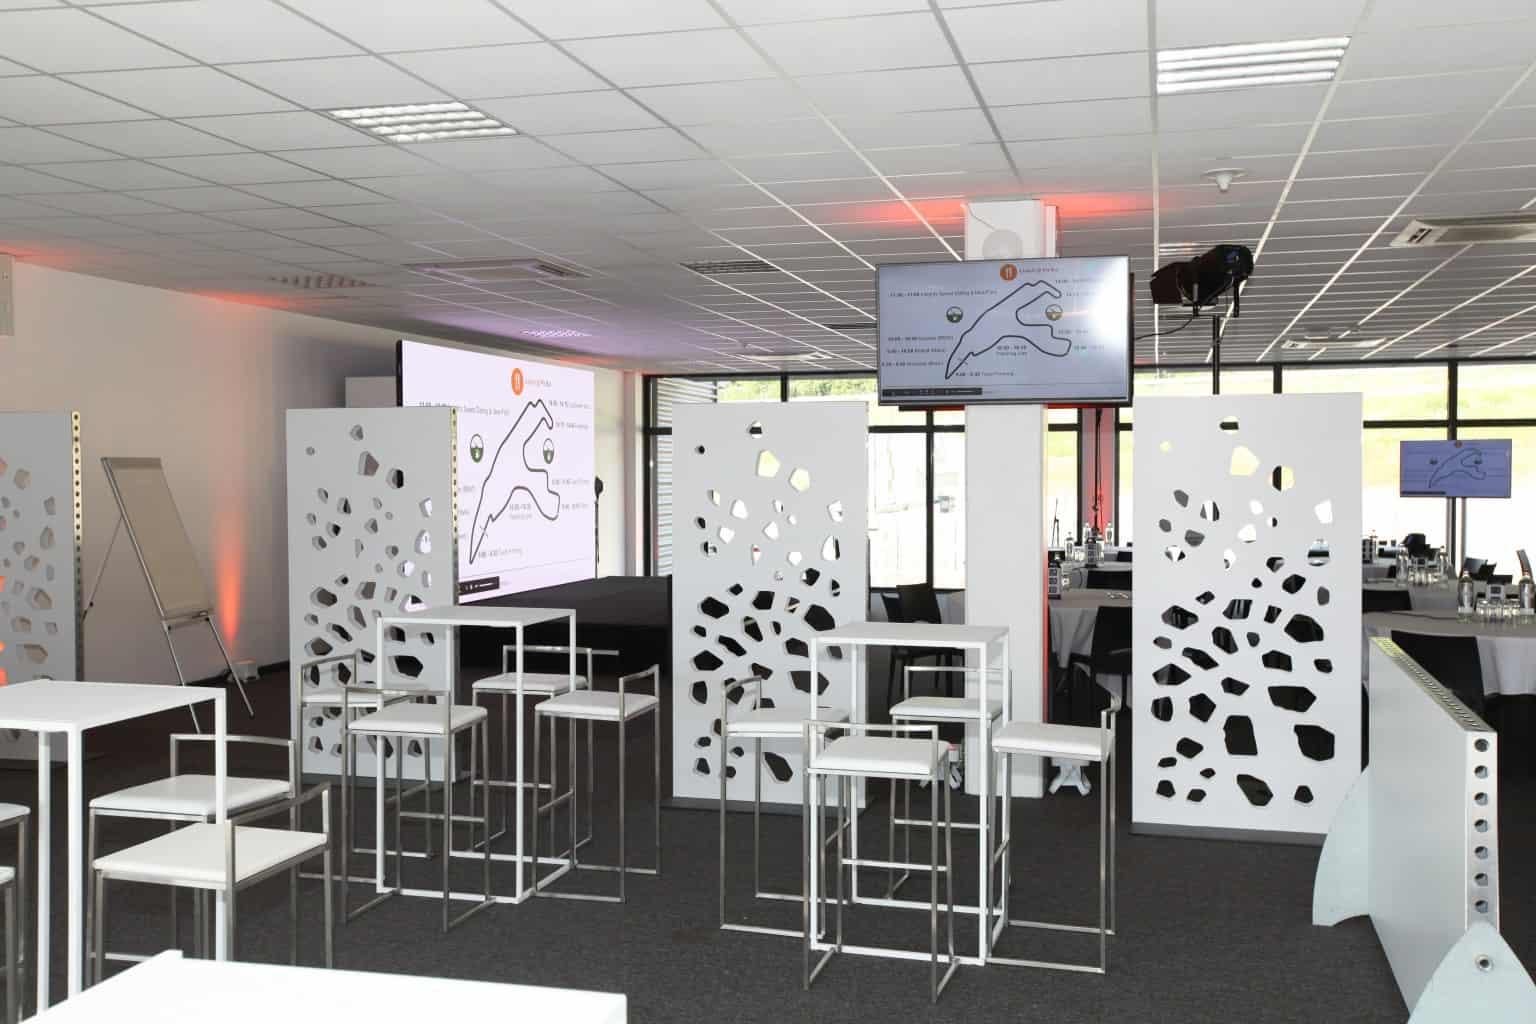 Aménagement réalisé par So Event pour le séminaire Product & Technology d'eBay